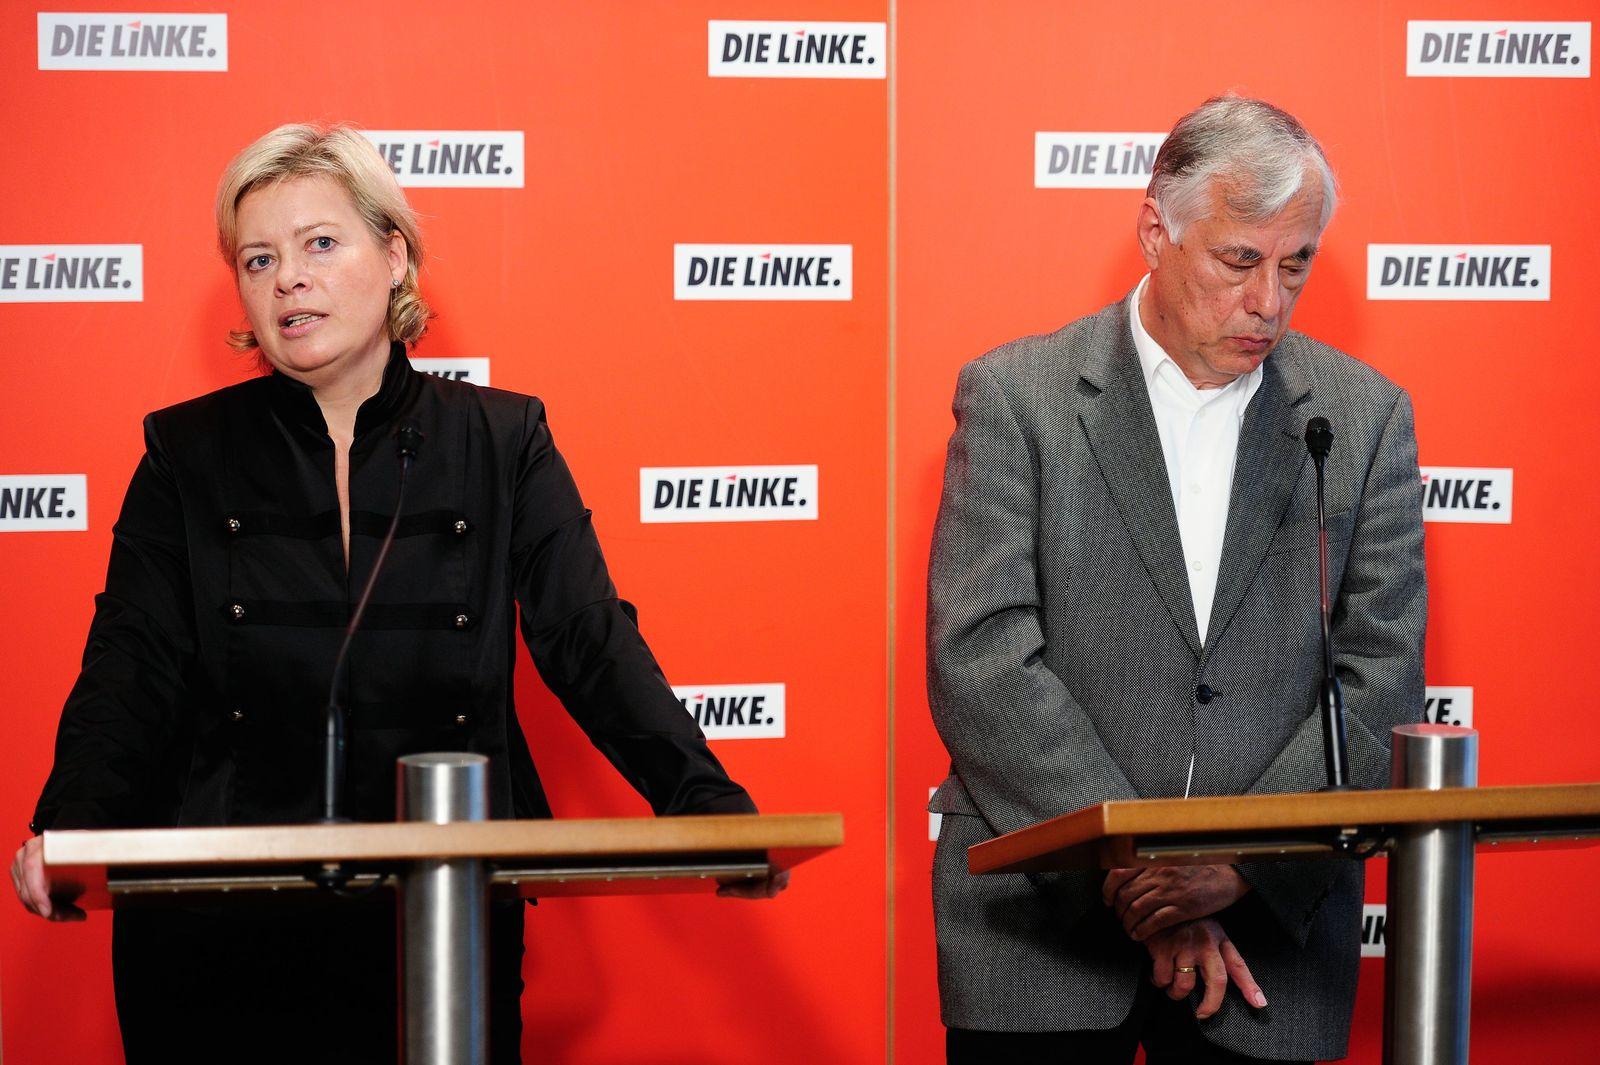 Pressekonferenz Linke - Lötzsch Dreibus